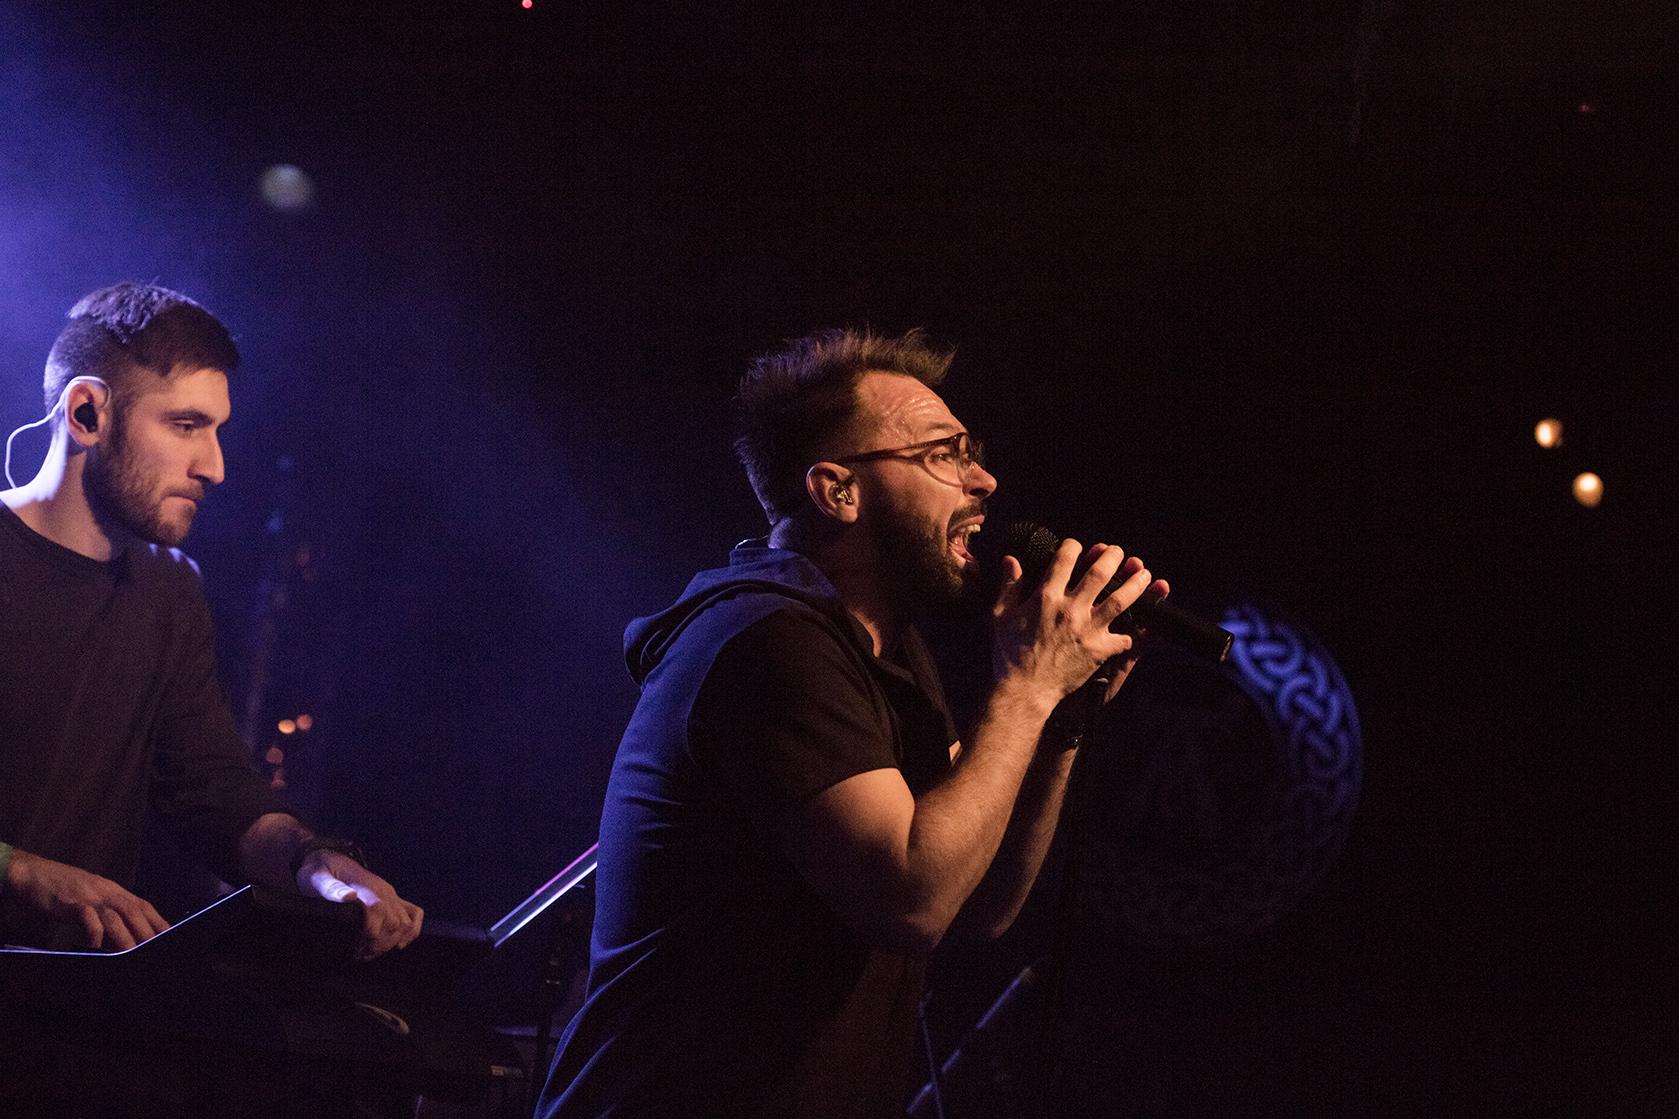 Фото Isaac Nightingale, Праздничный концерт